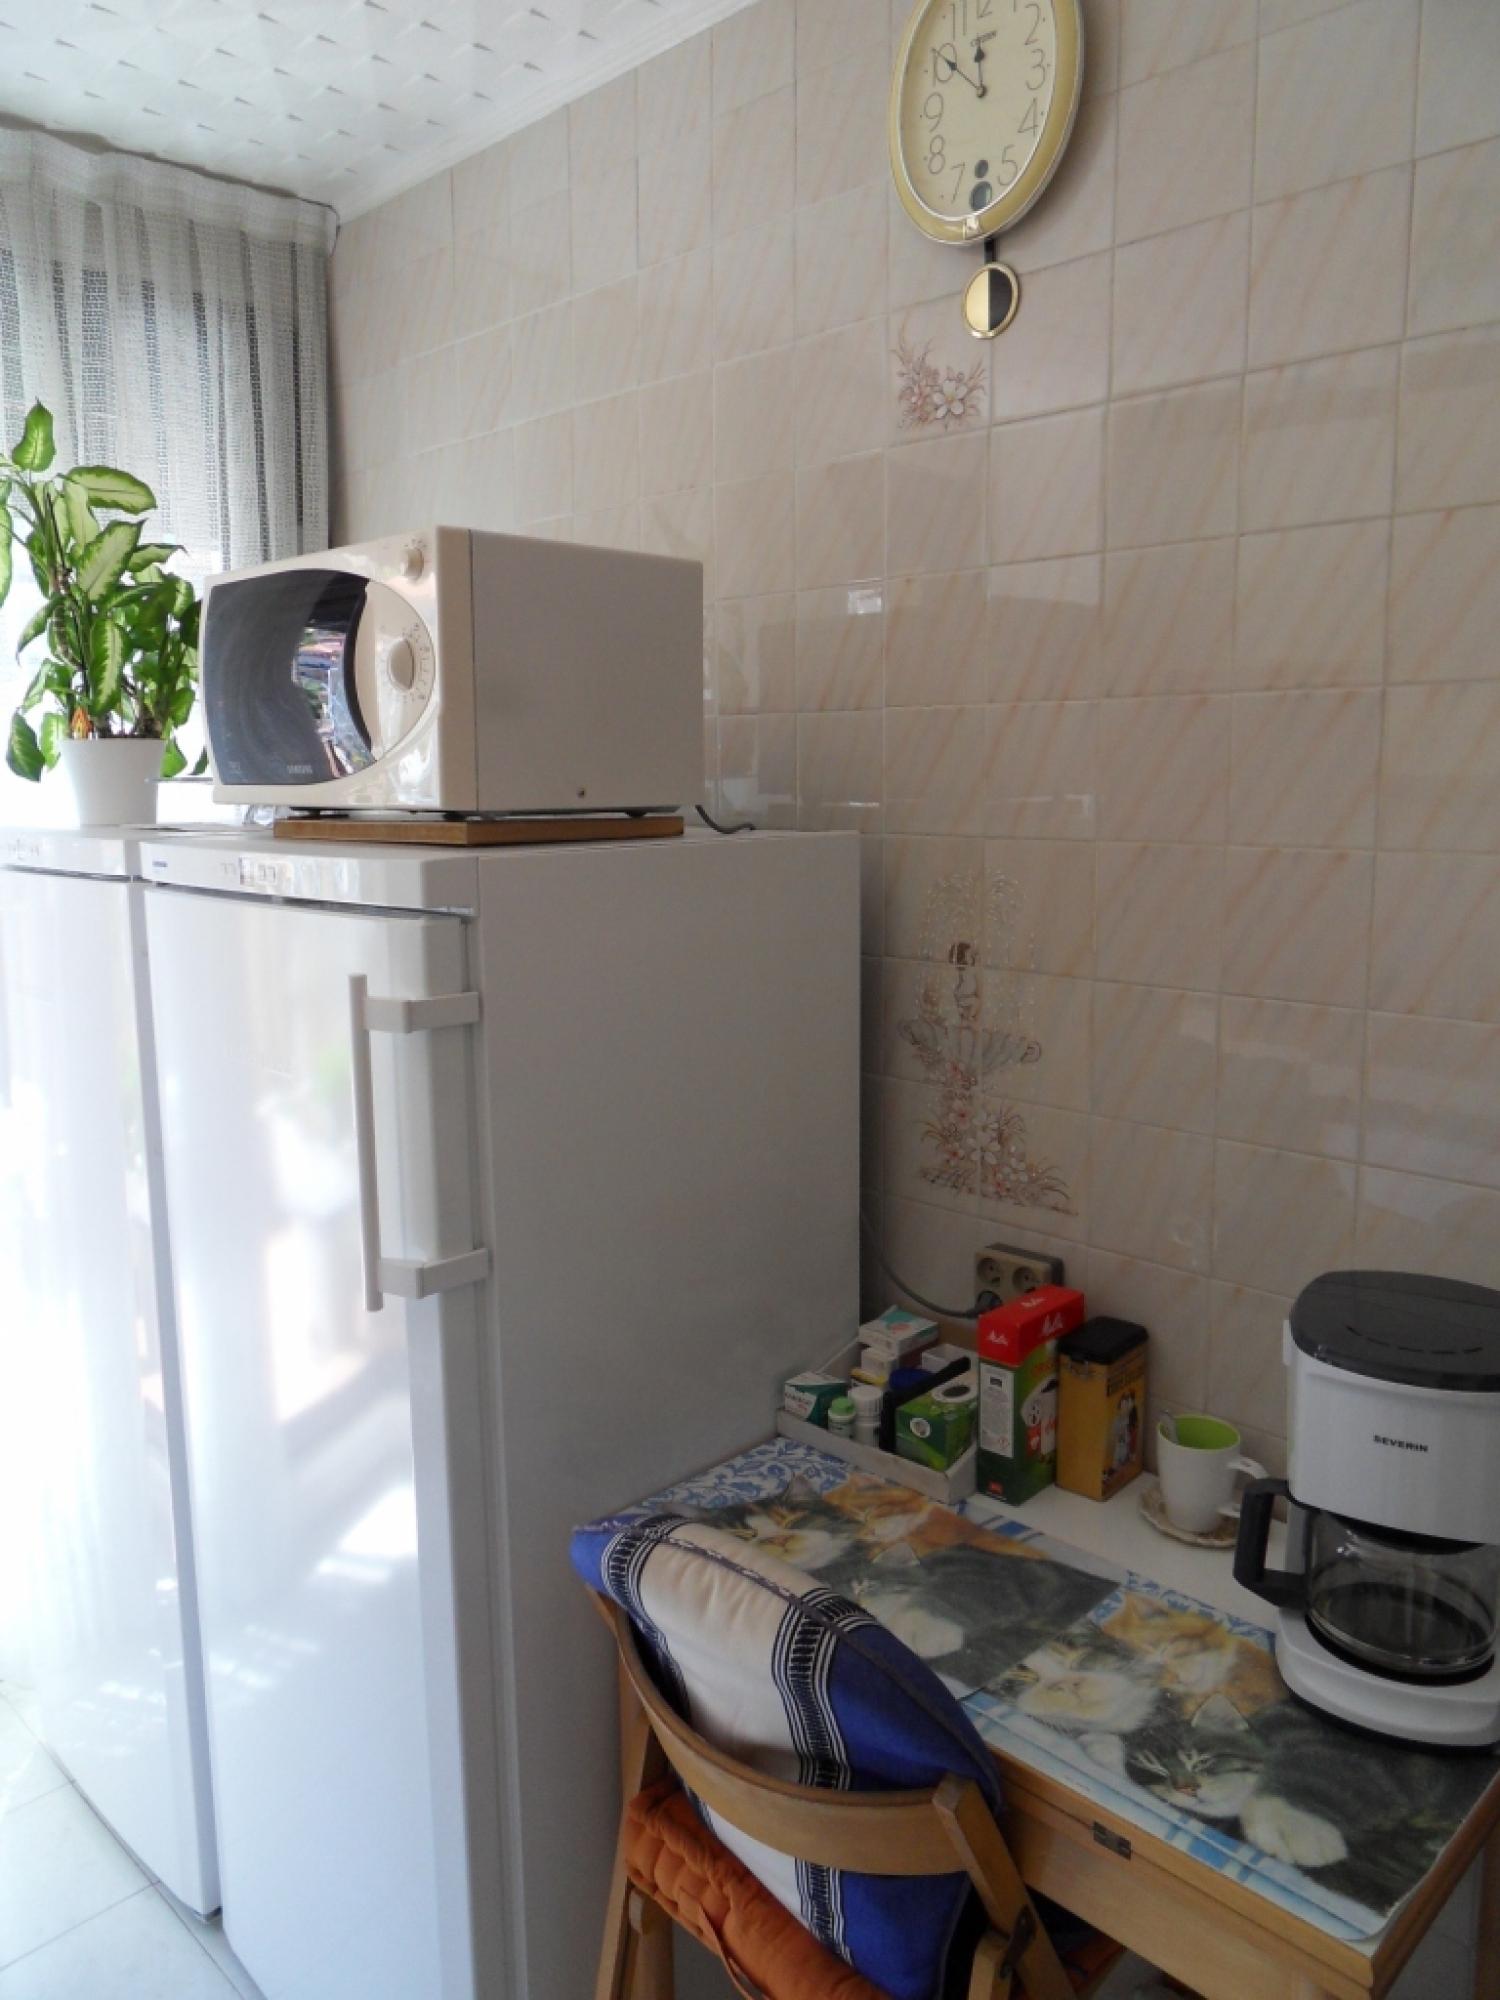 appartement 3 pièces NICE EST - VENTE EN VIAGER OCCUPE